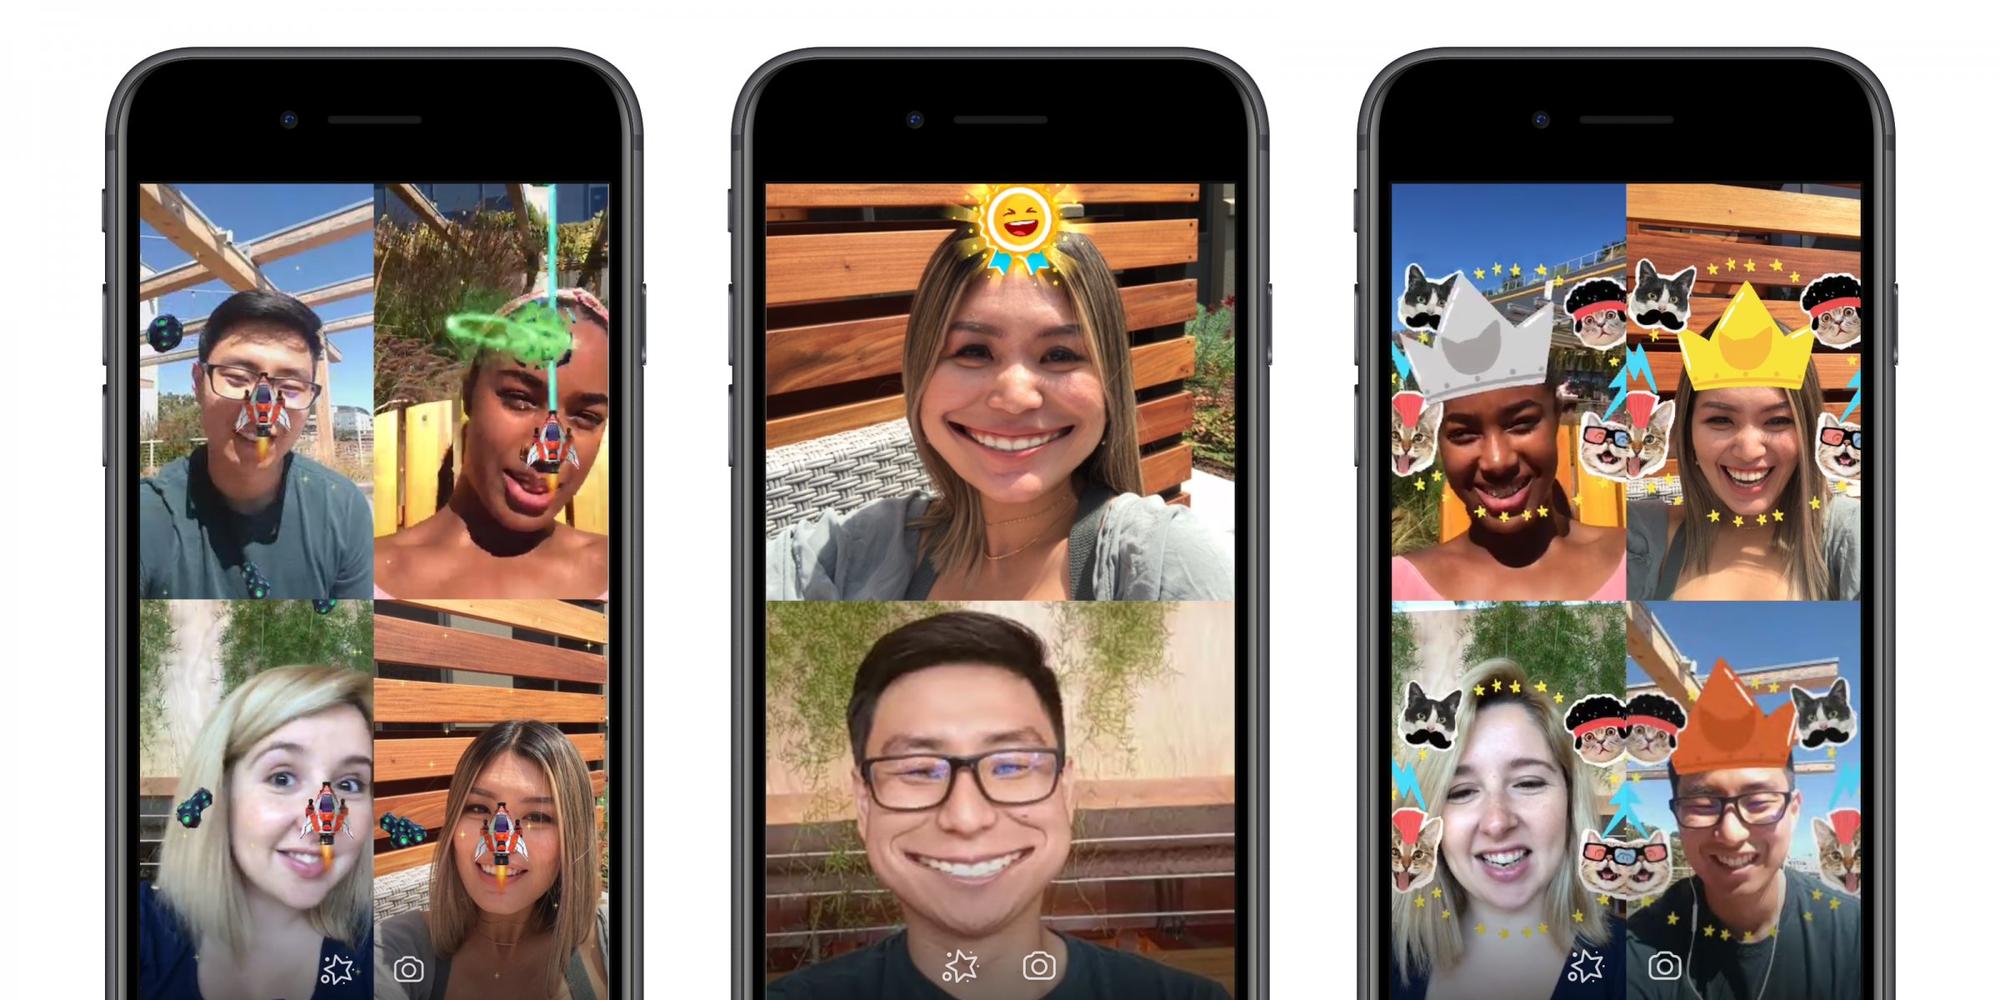 Facebook Messenger vừa ra mắt 2 game mới siêu thú vị, có thể vừa chơi vừa gọi điện cho bạn bè